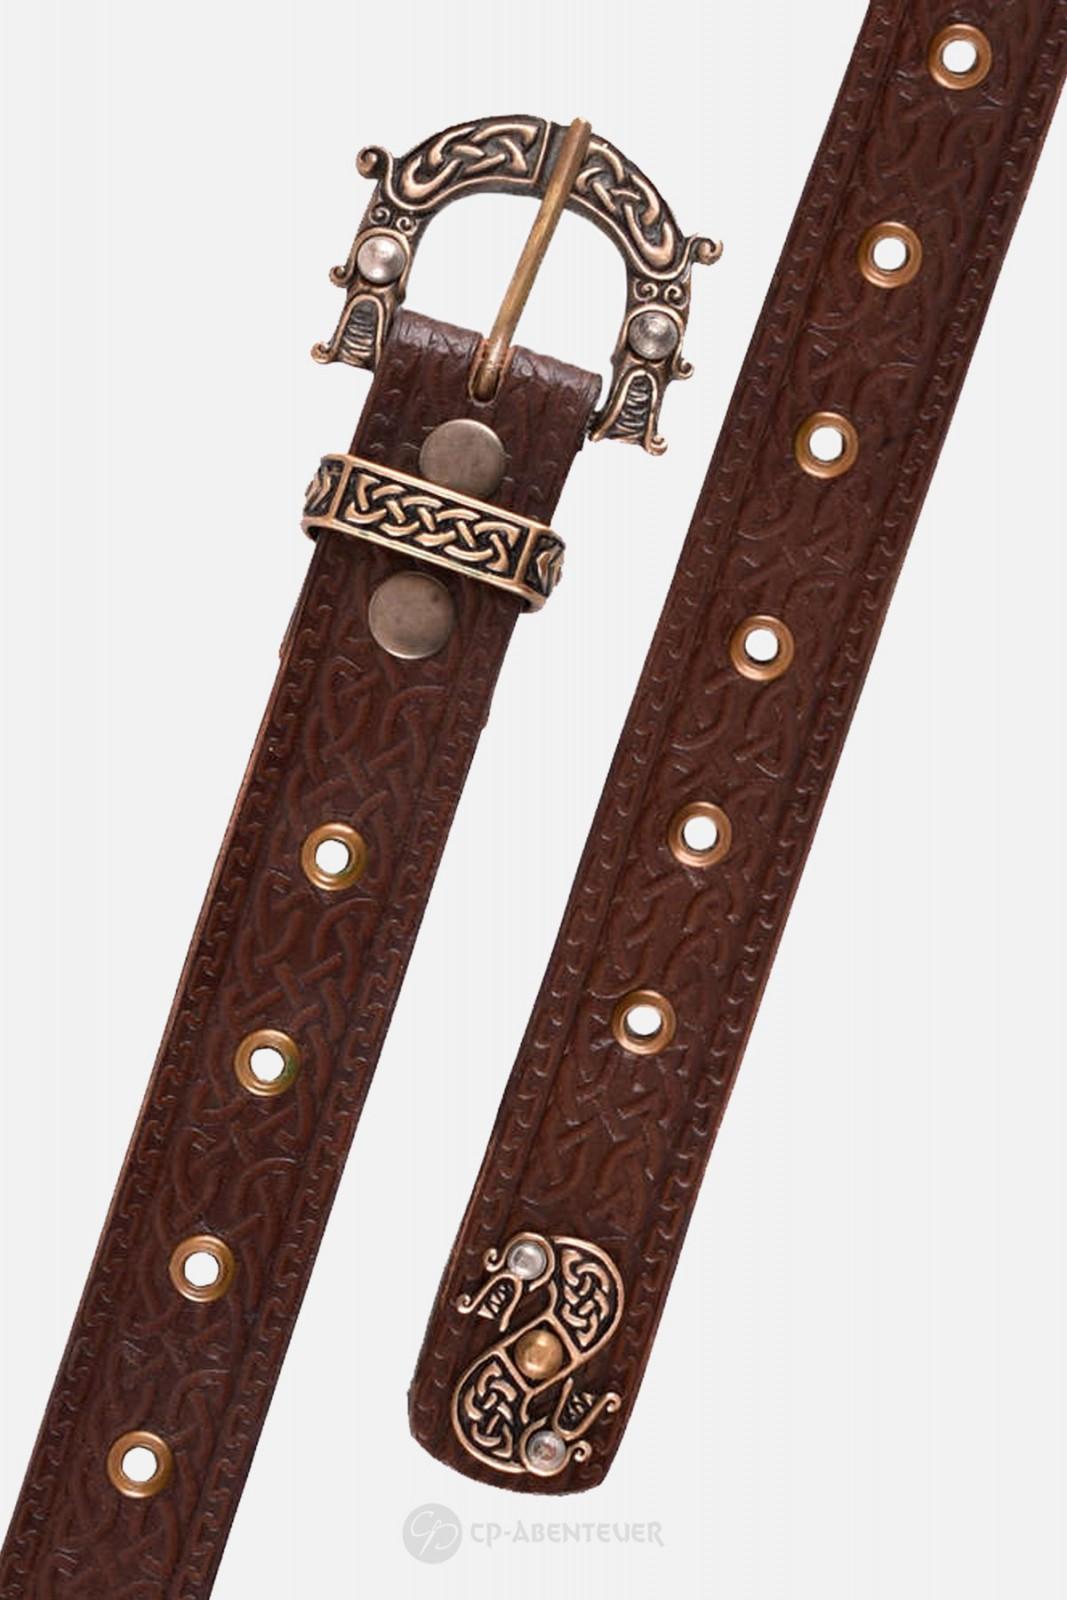 Ledergürtel mit Schnalle und Prägung in keltischem Muster, braun